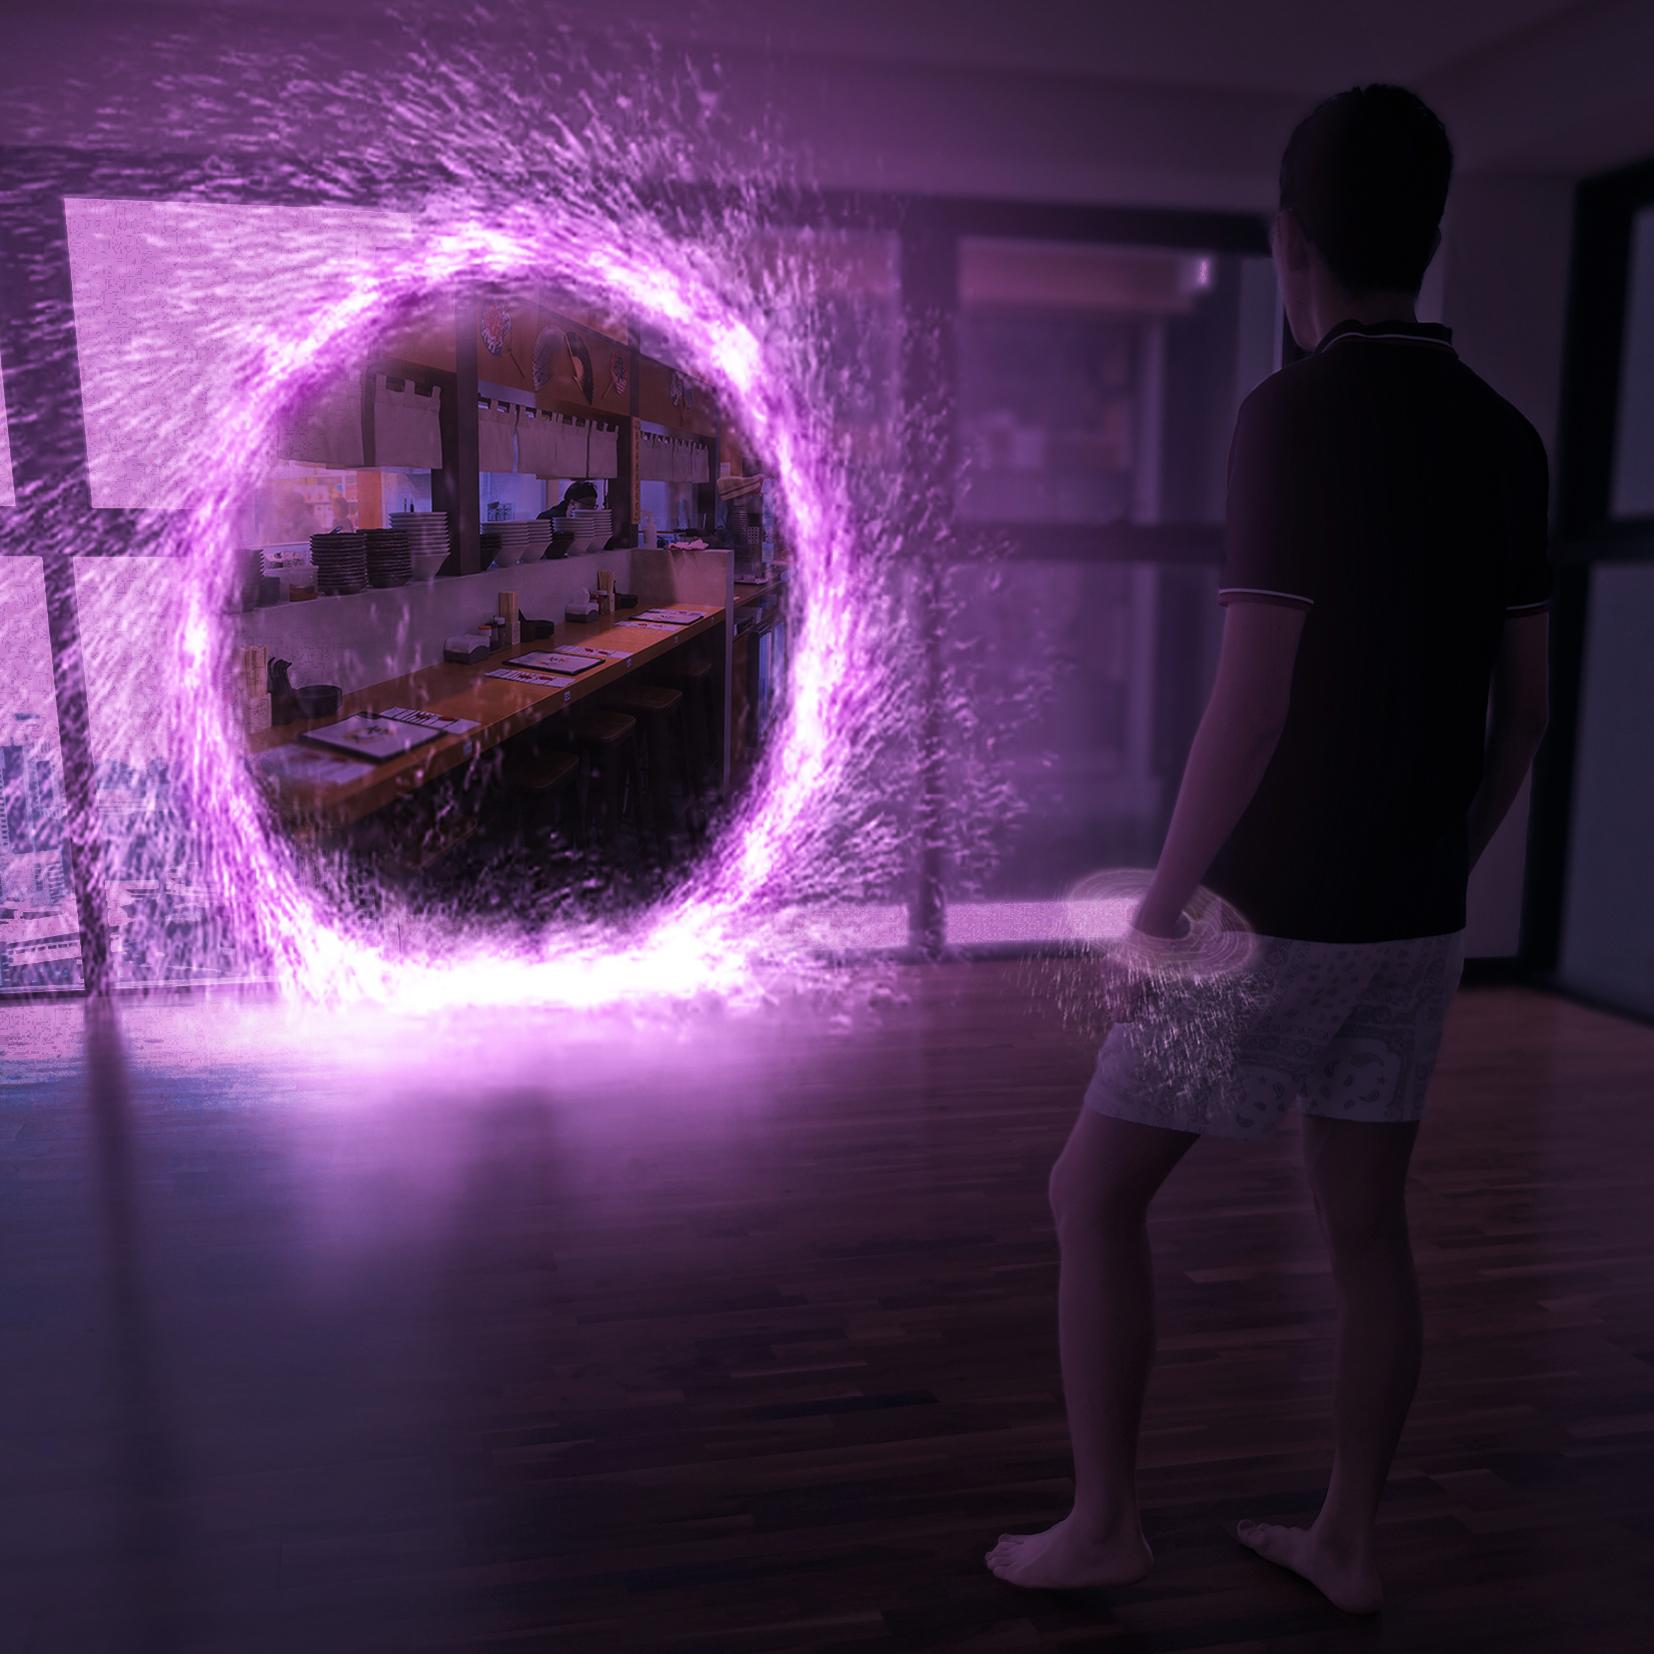 Portal Of Cravings Digital Art by Alvin Sim